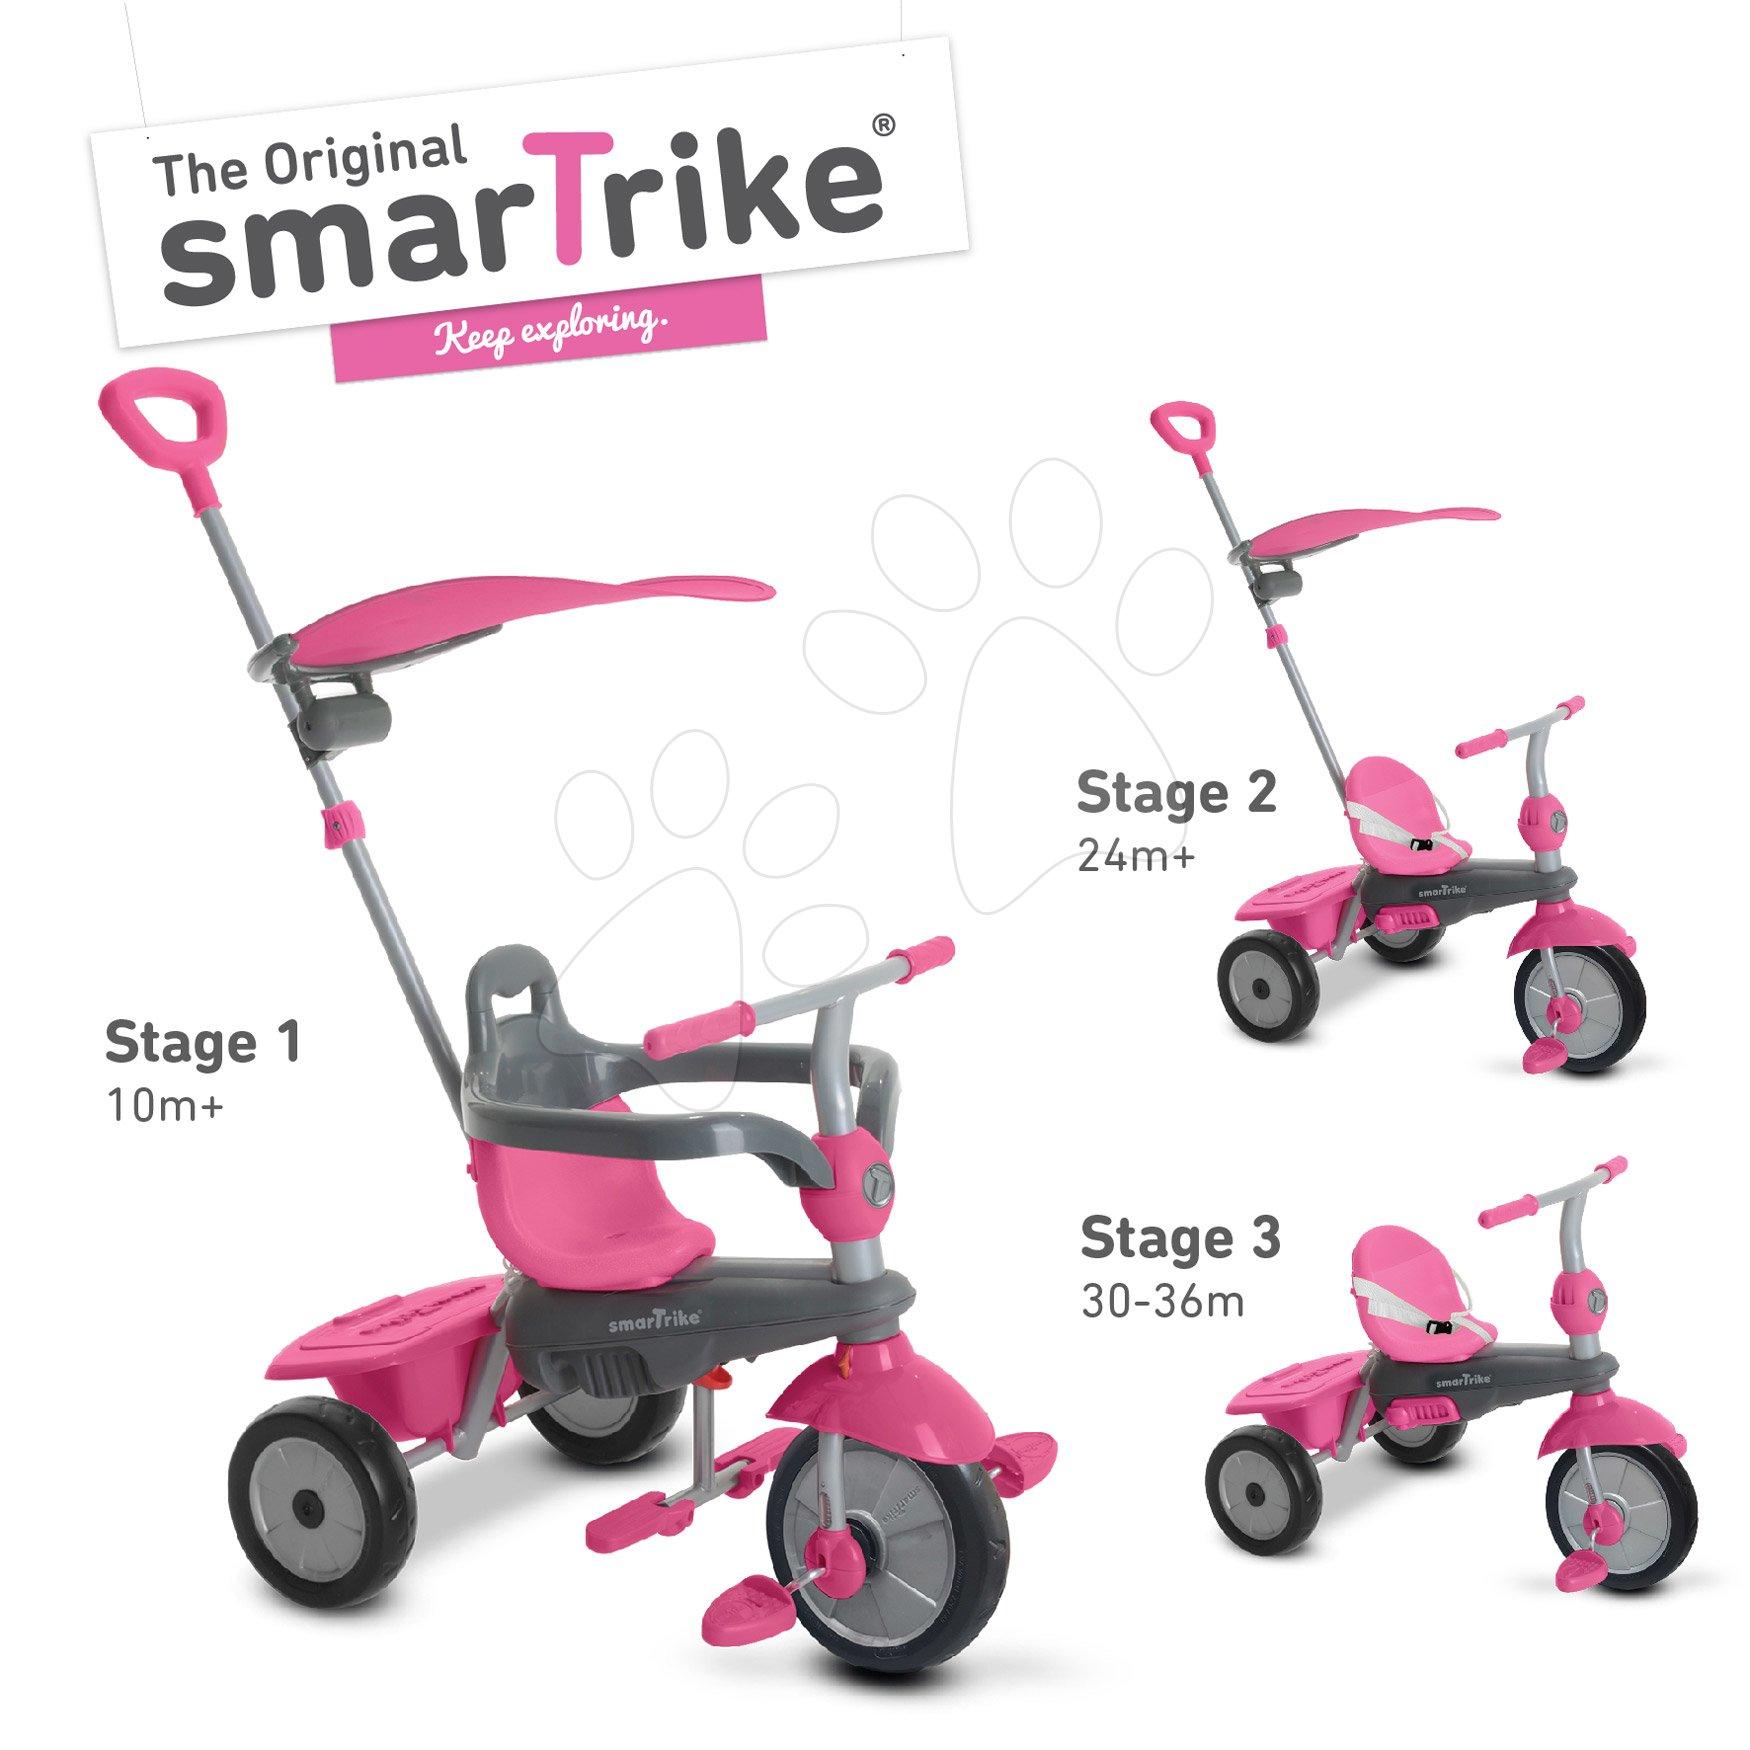 Tříkolka Carnival Pink Touch Steering 3v1 smarTrike růžovo-šedá od 10 měsíců